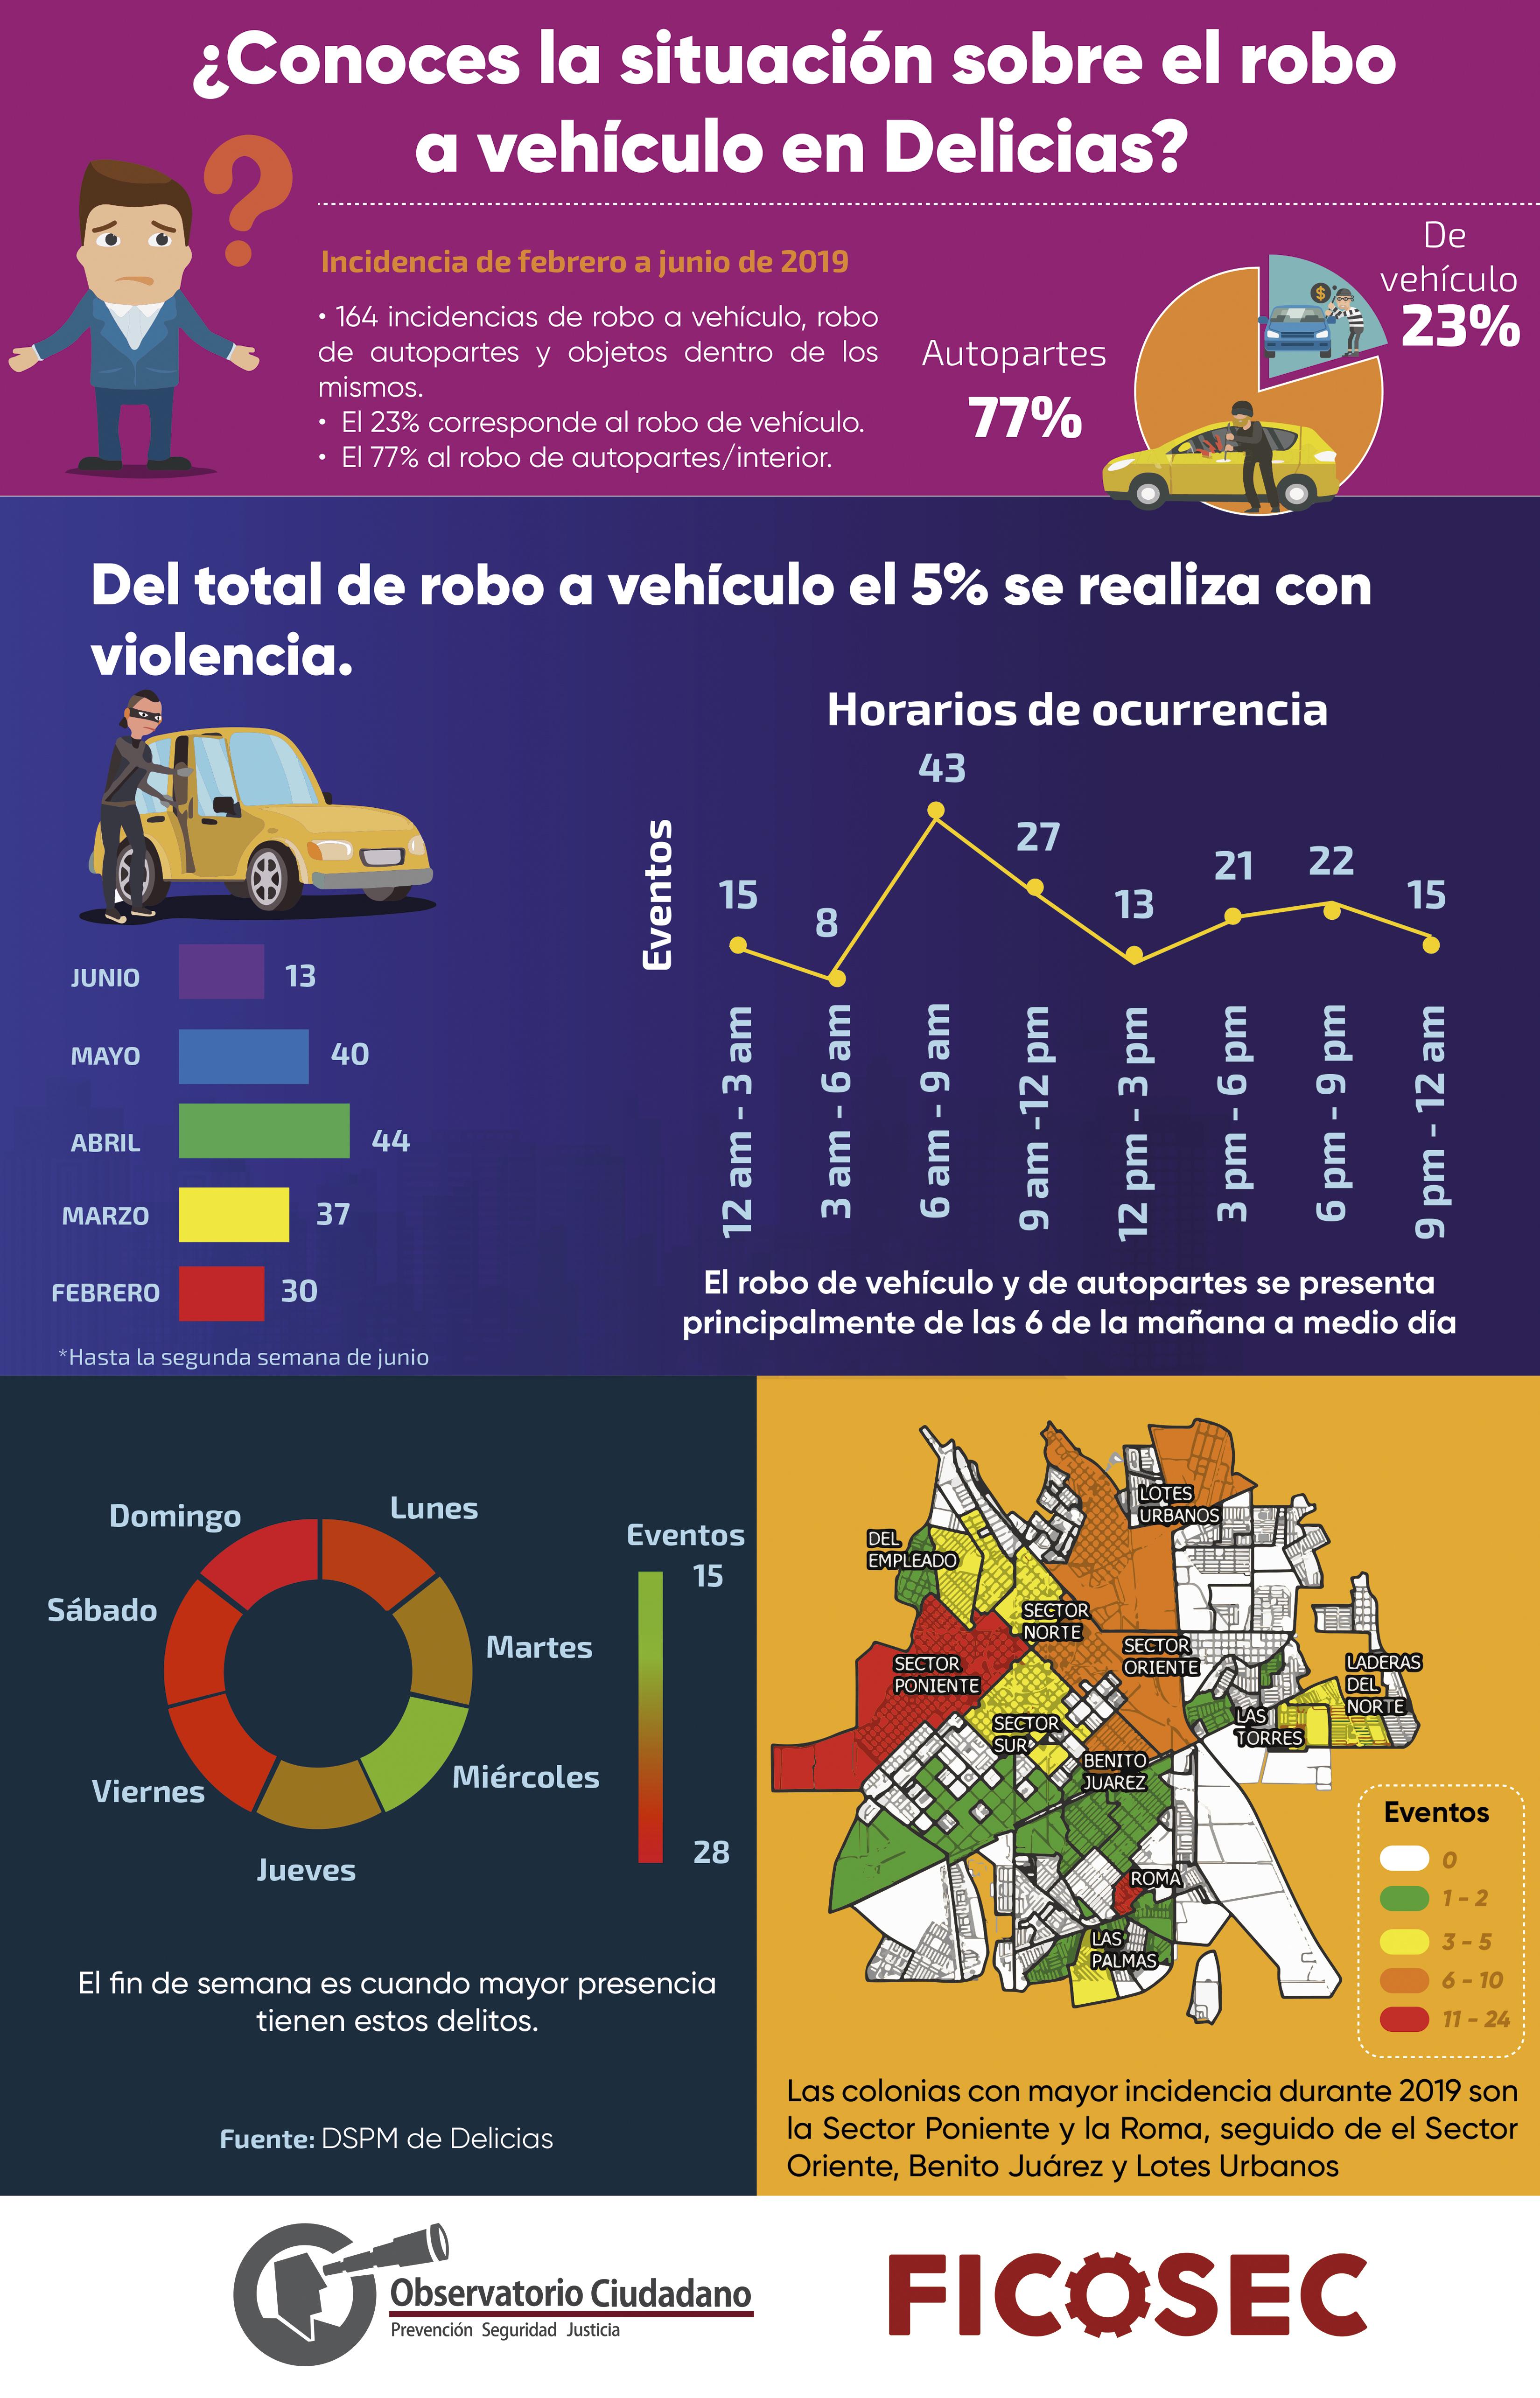 robo-vehiculo-delicias